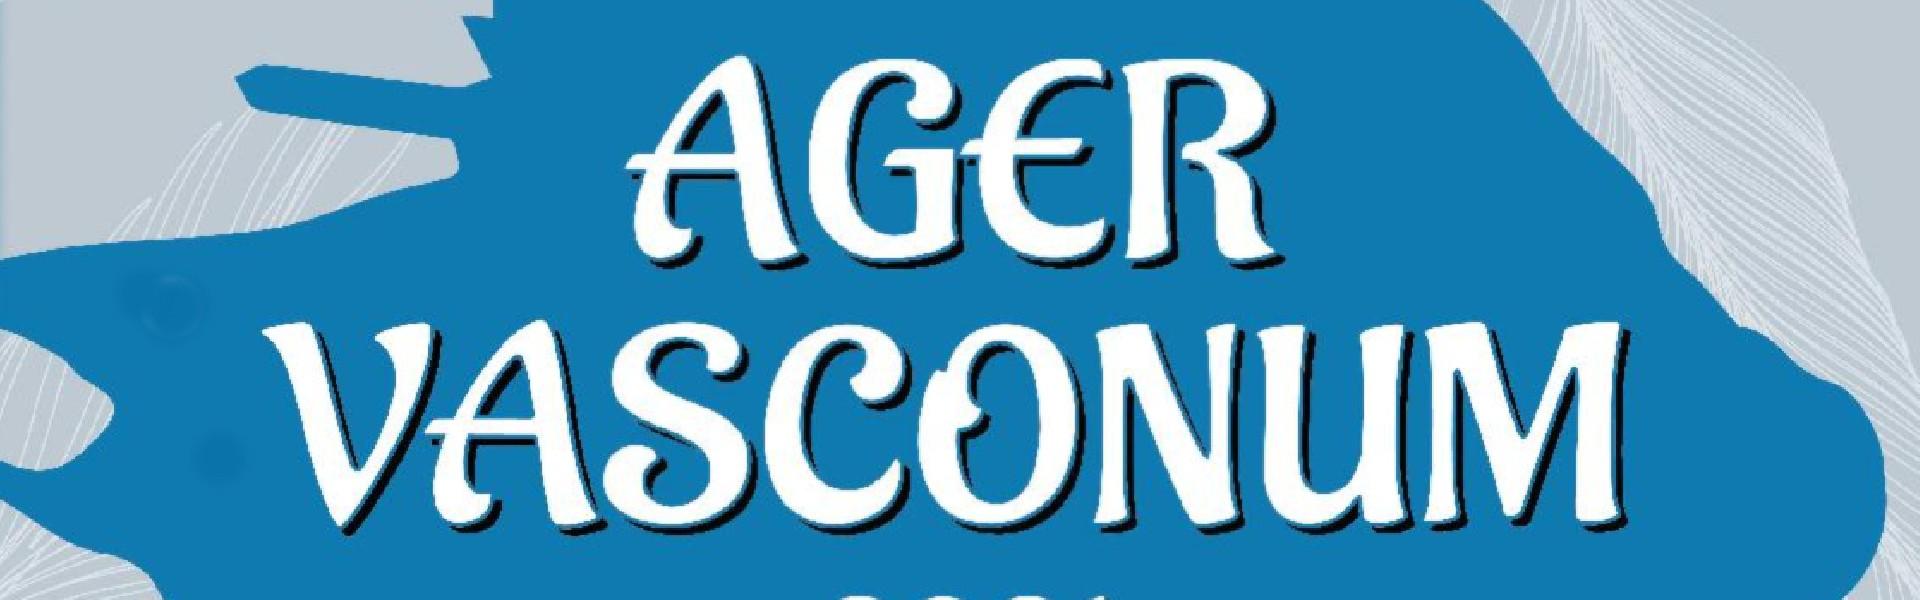 VI. 2.0 Ager Vasconum literatura lehiaketa – Concurso literario